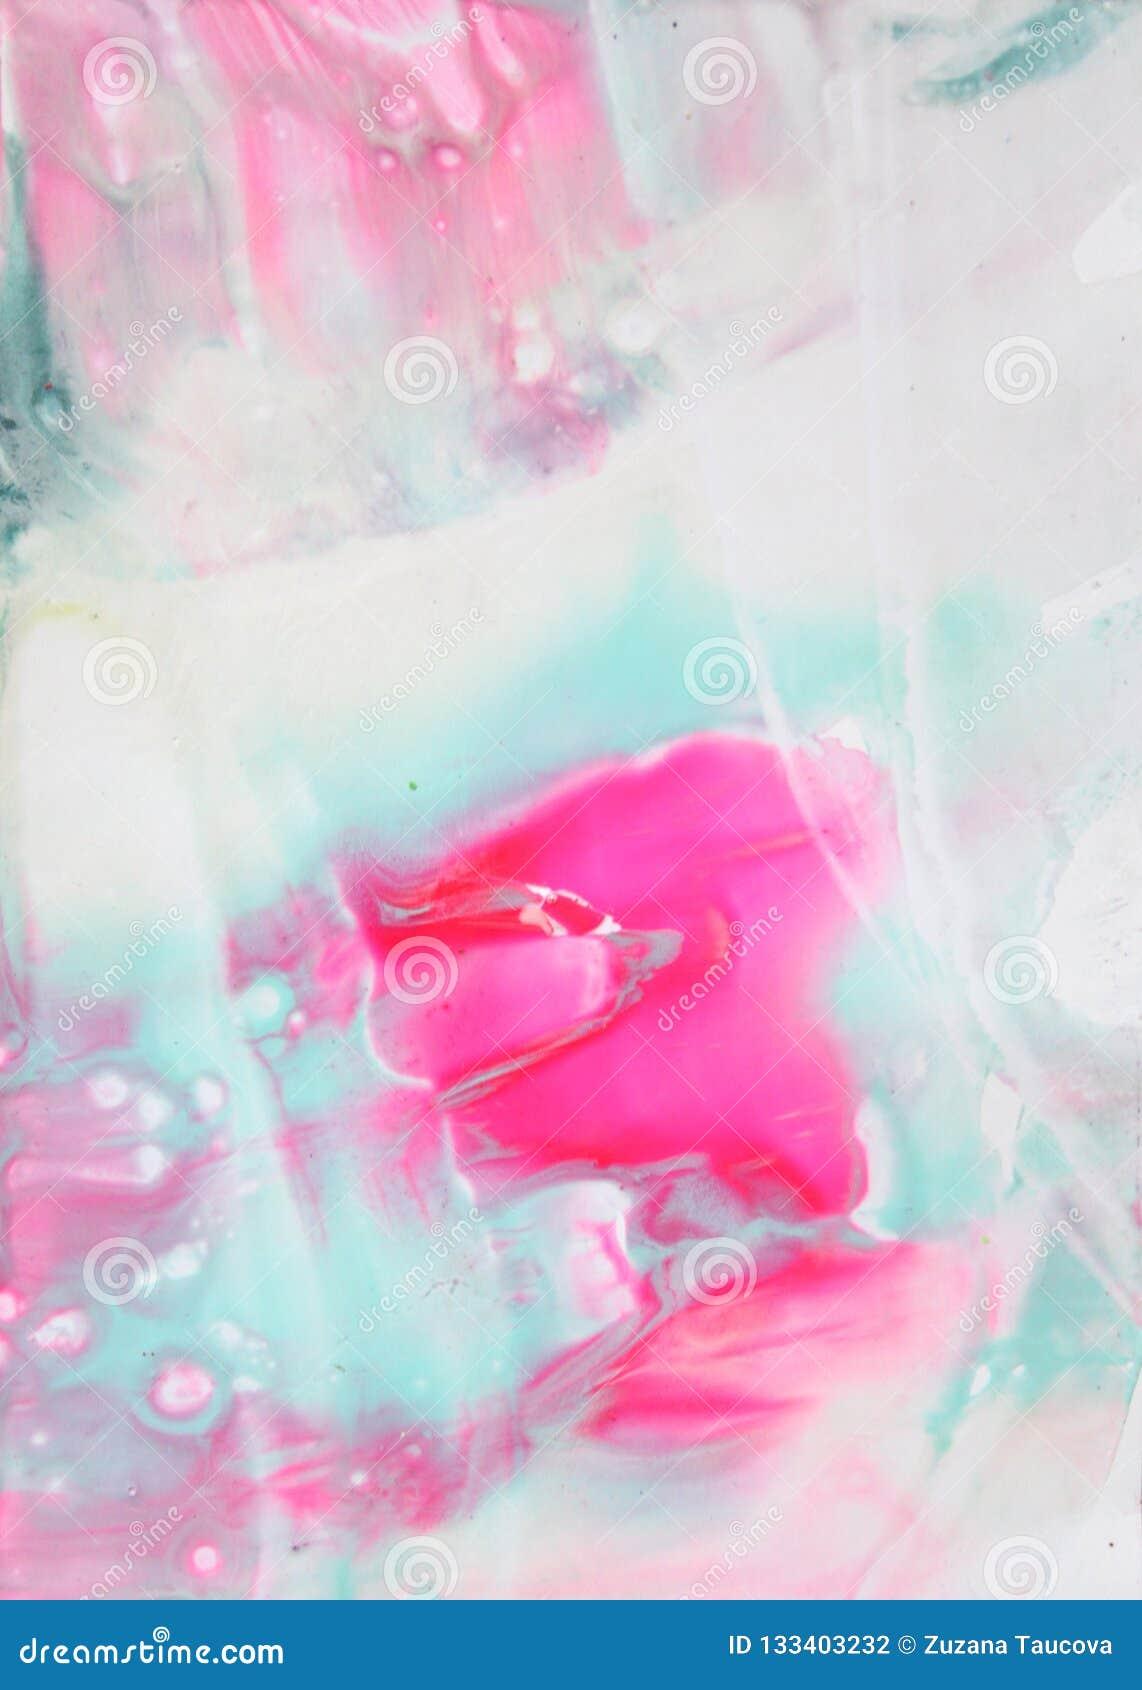 摘要被弄脏的桃红色,白色和绿松石口气光给蜡画法背景打蜡